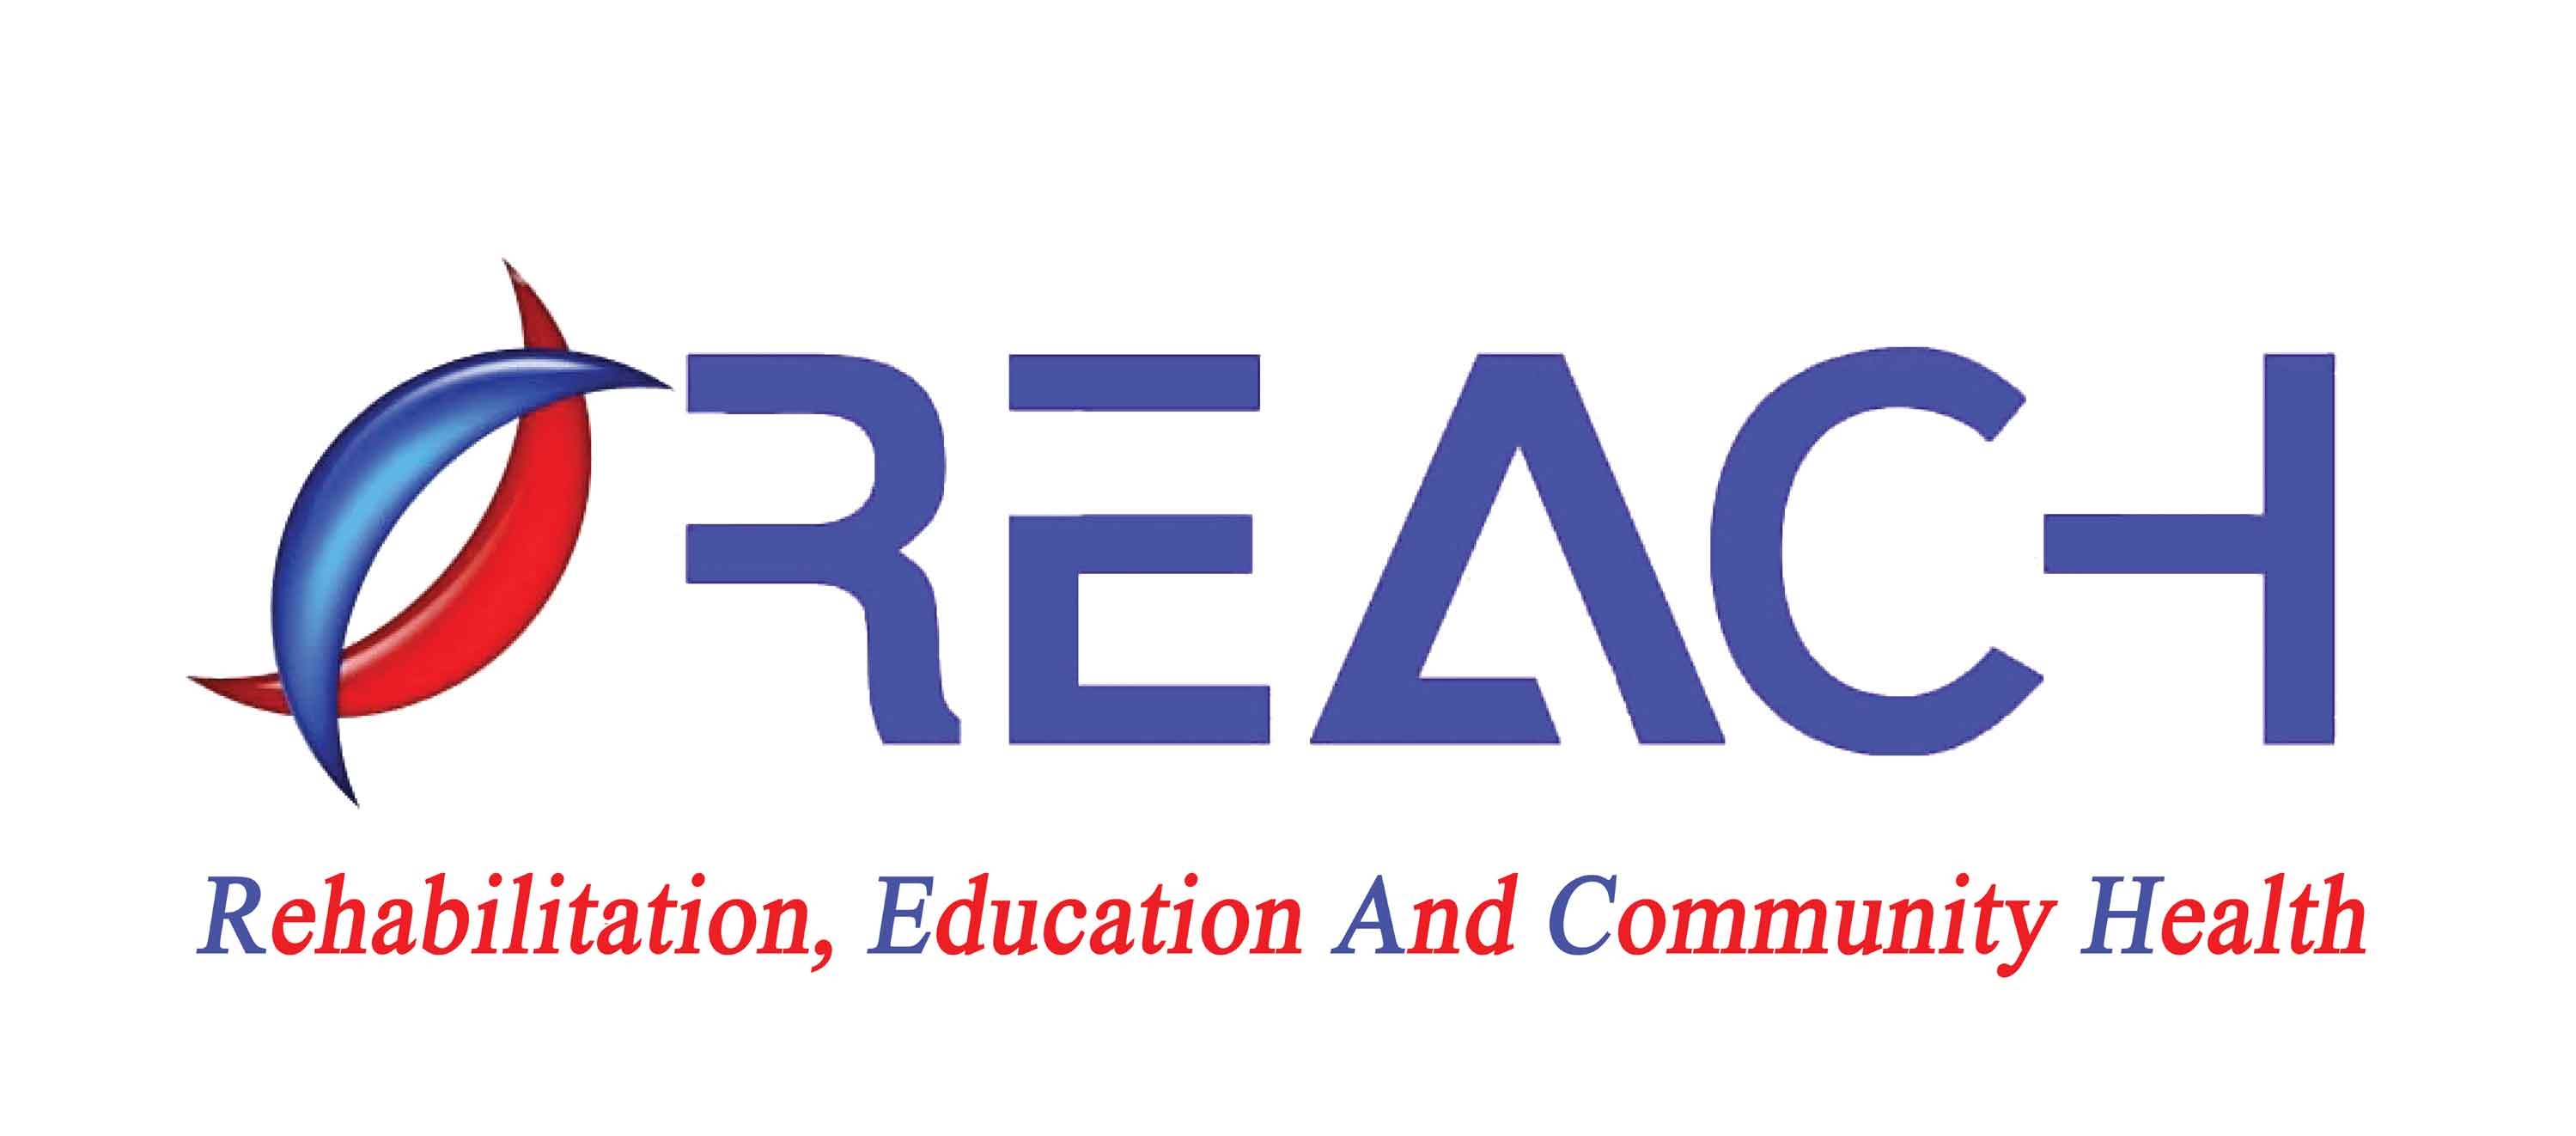 REACH – Rehabilitation, Education and Community Health